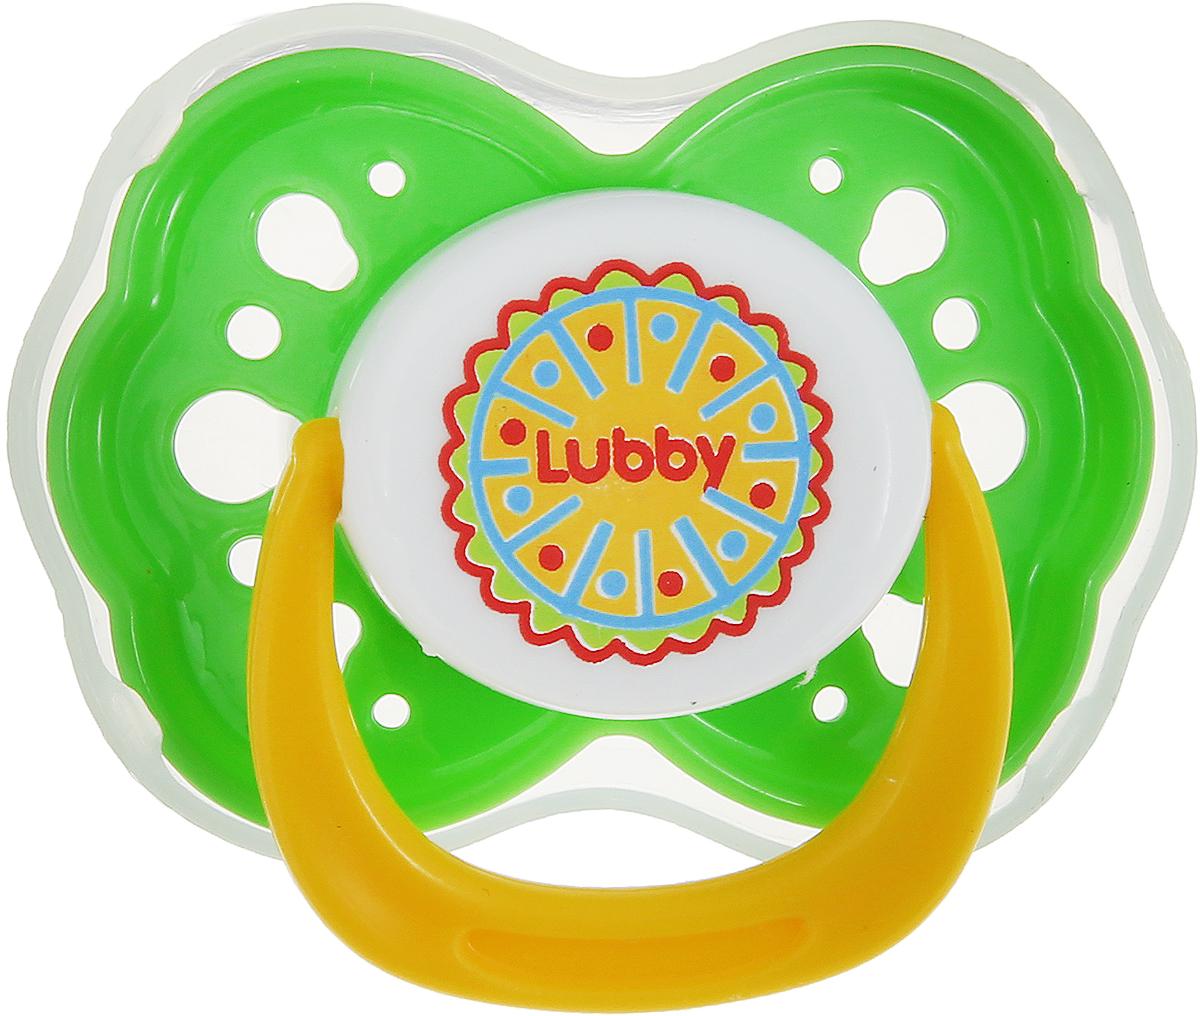 Lubby Пустышка силиконовая от 6 месяцев цвет зеленый желтый купальник cornette цвет желтый зеленый